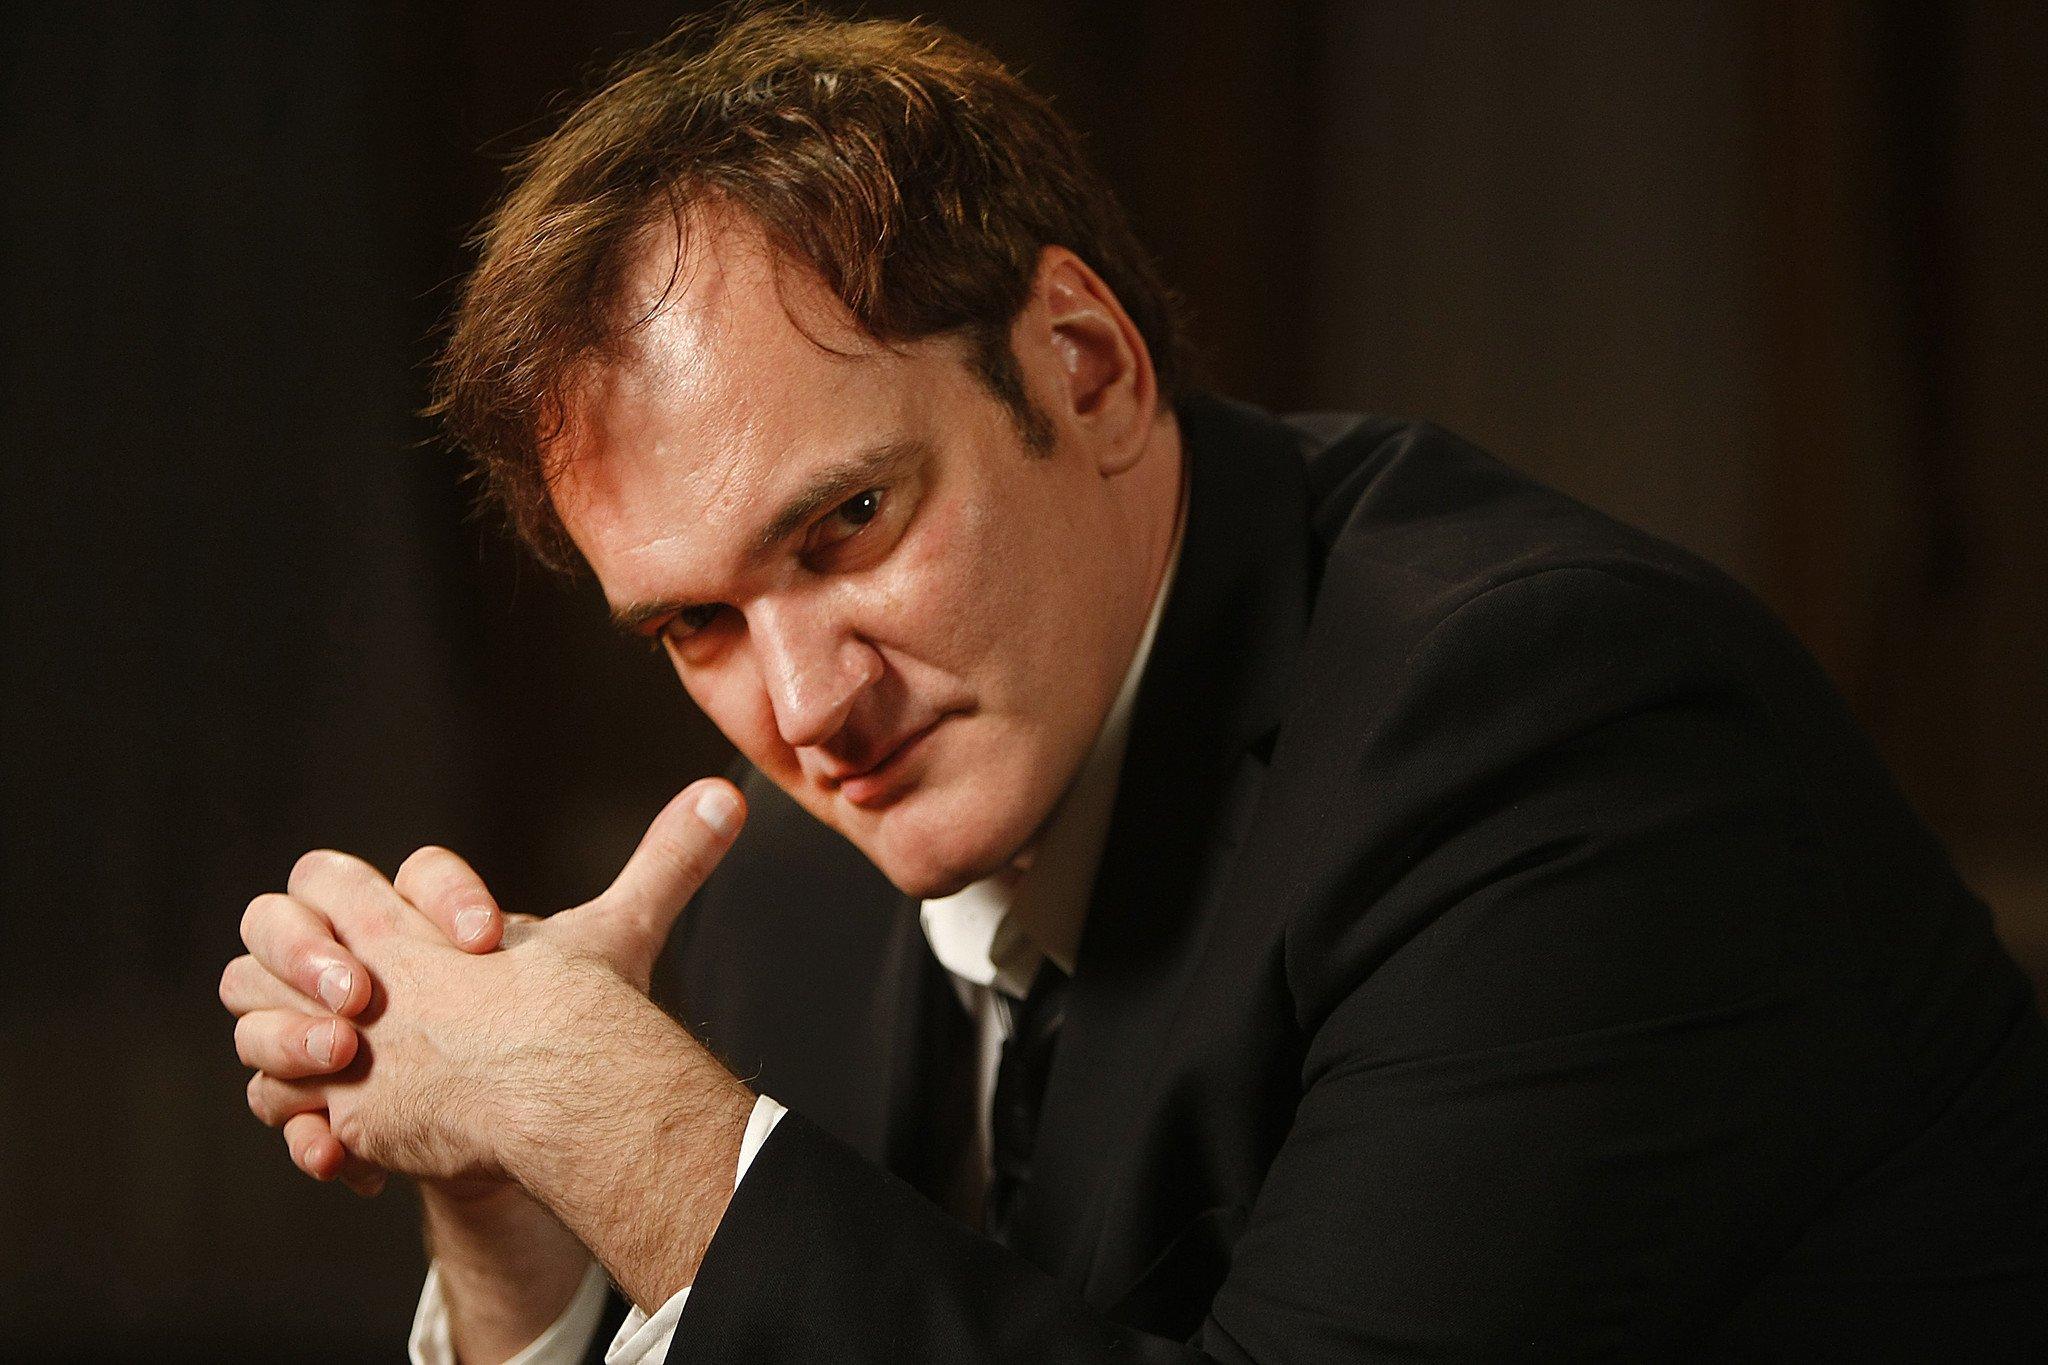 Happy Birthday to Quentin Tarantino